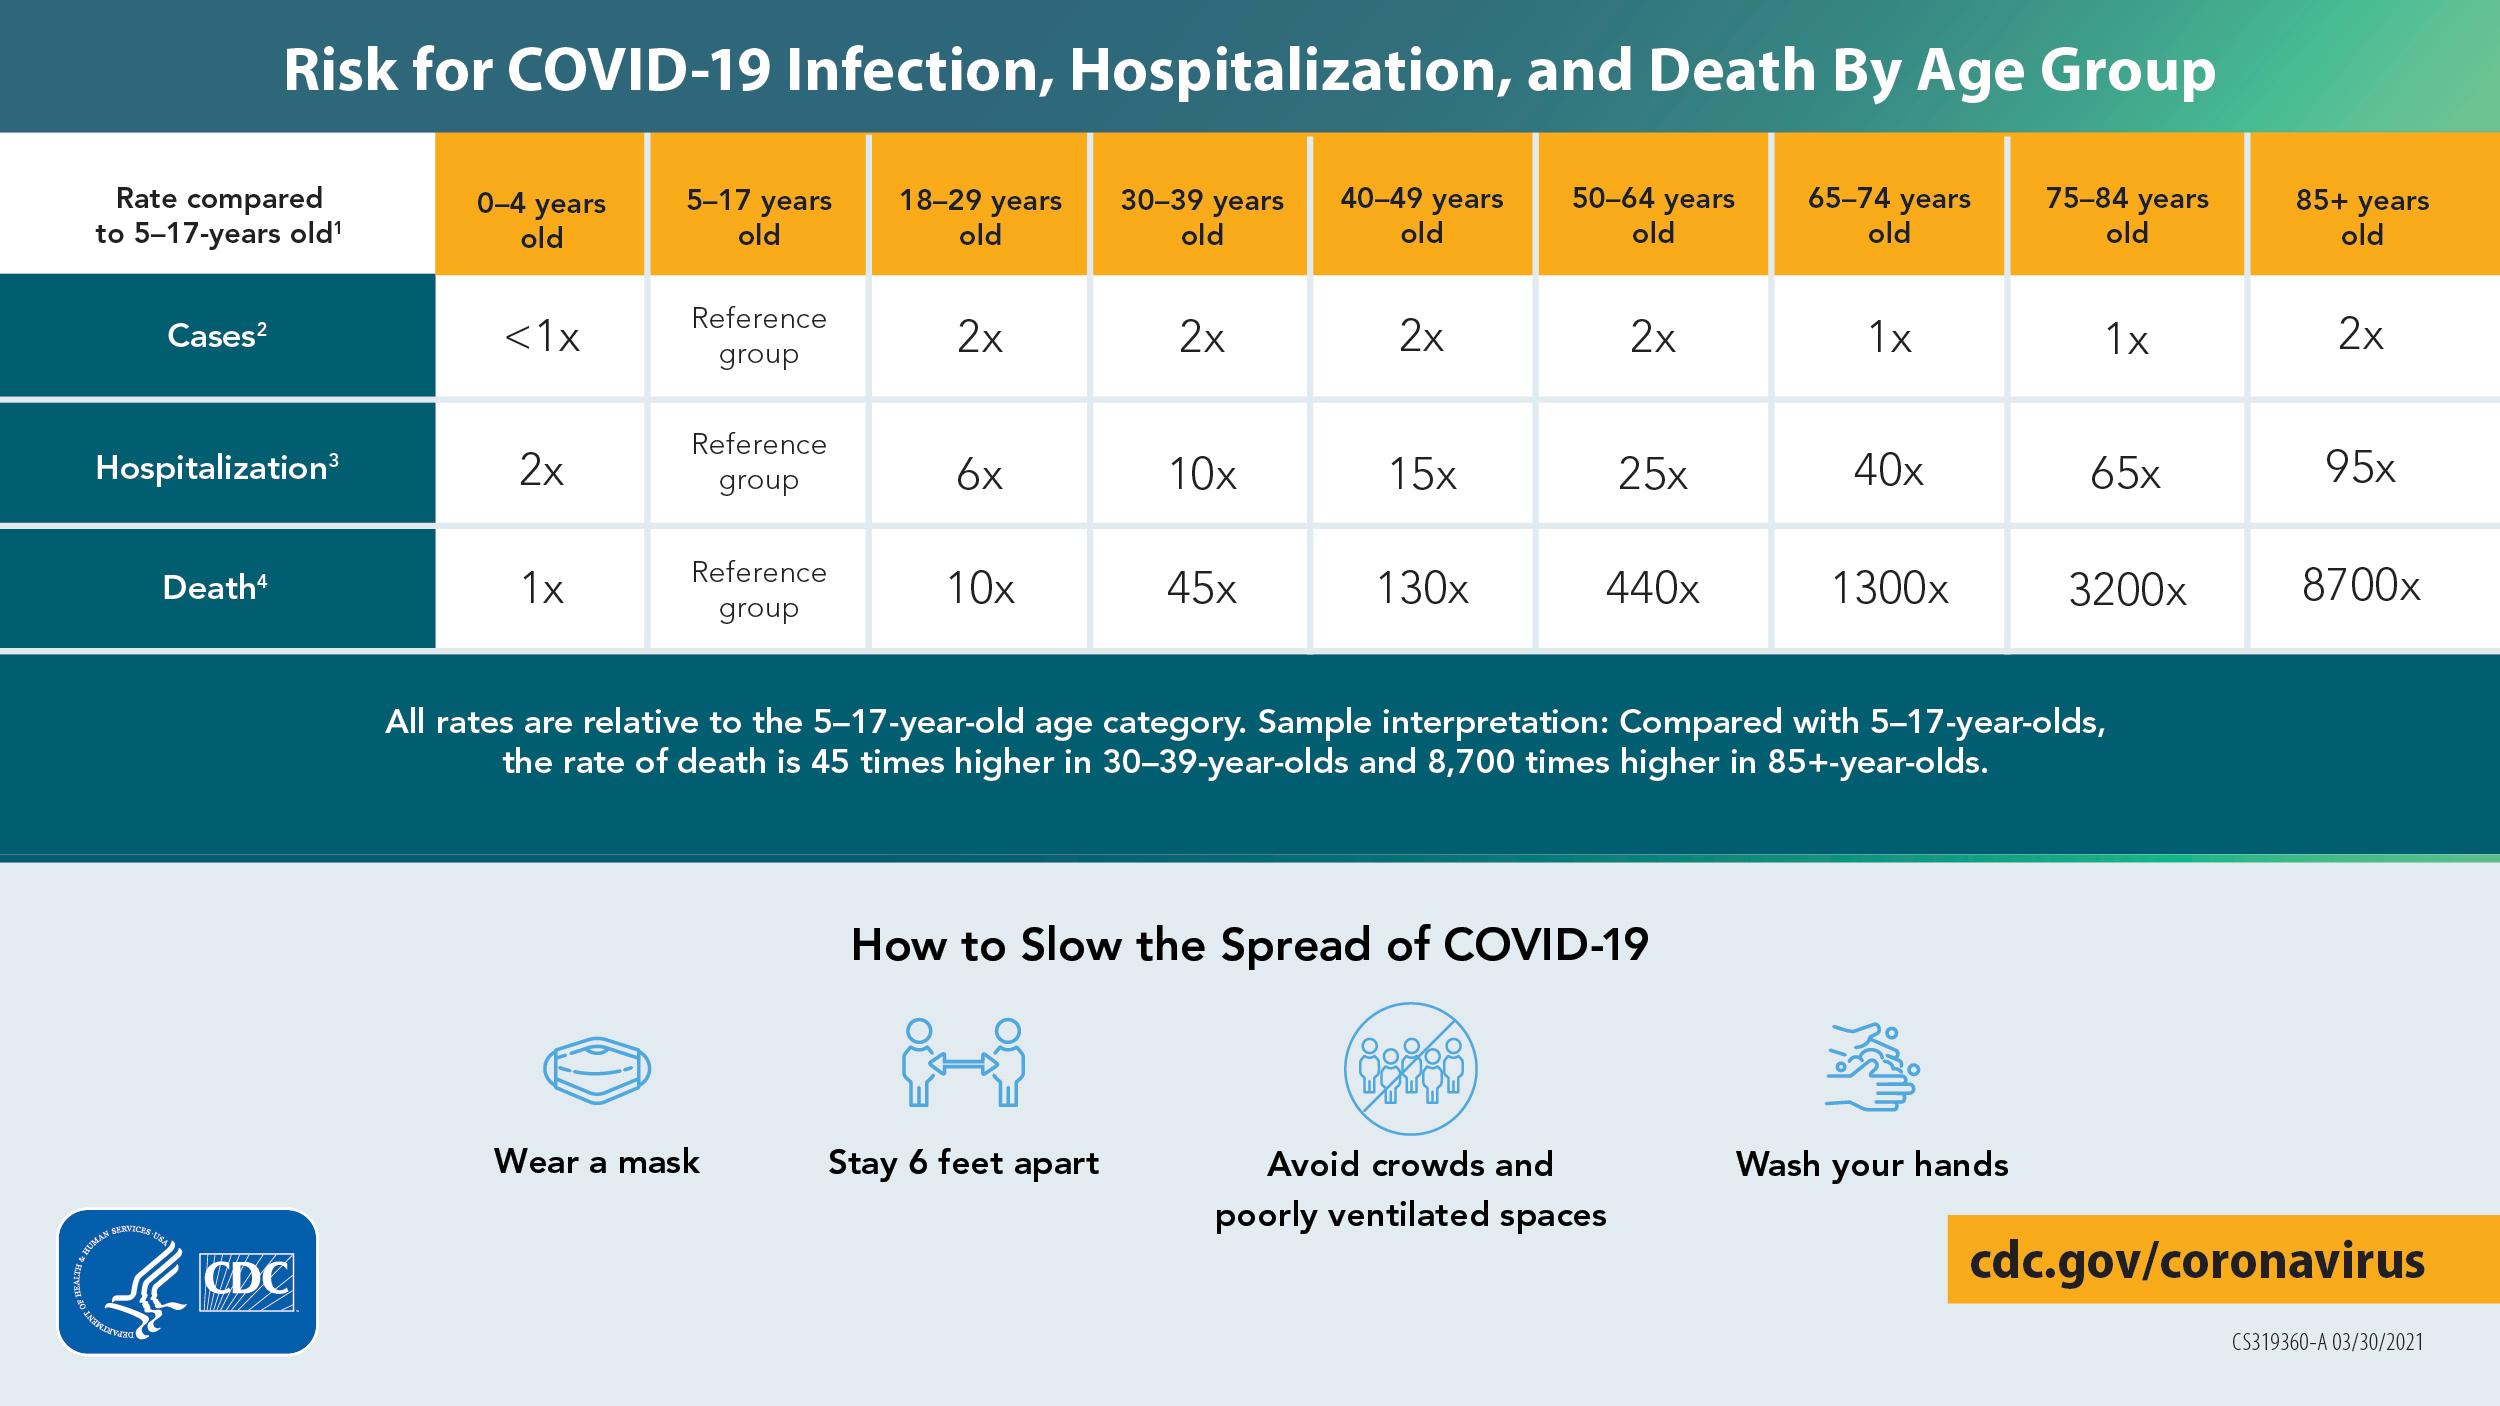 연령대별 COVID-19 감염, 입원, 사망 위험